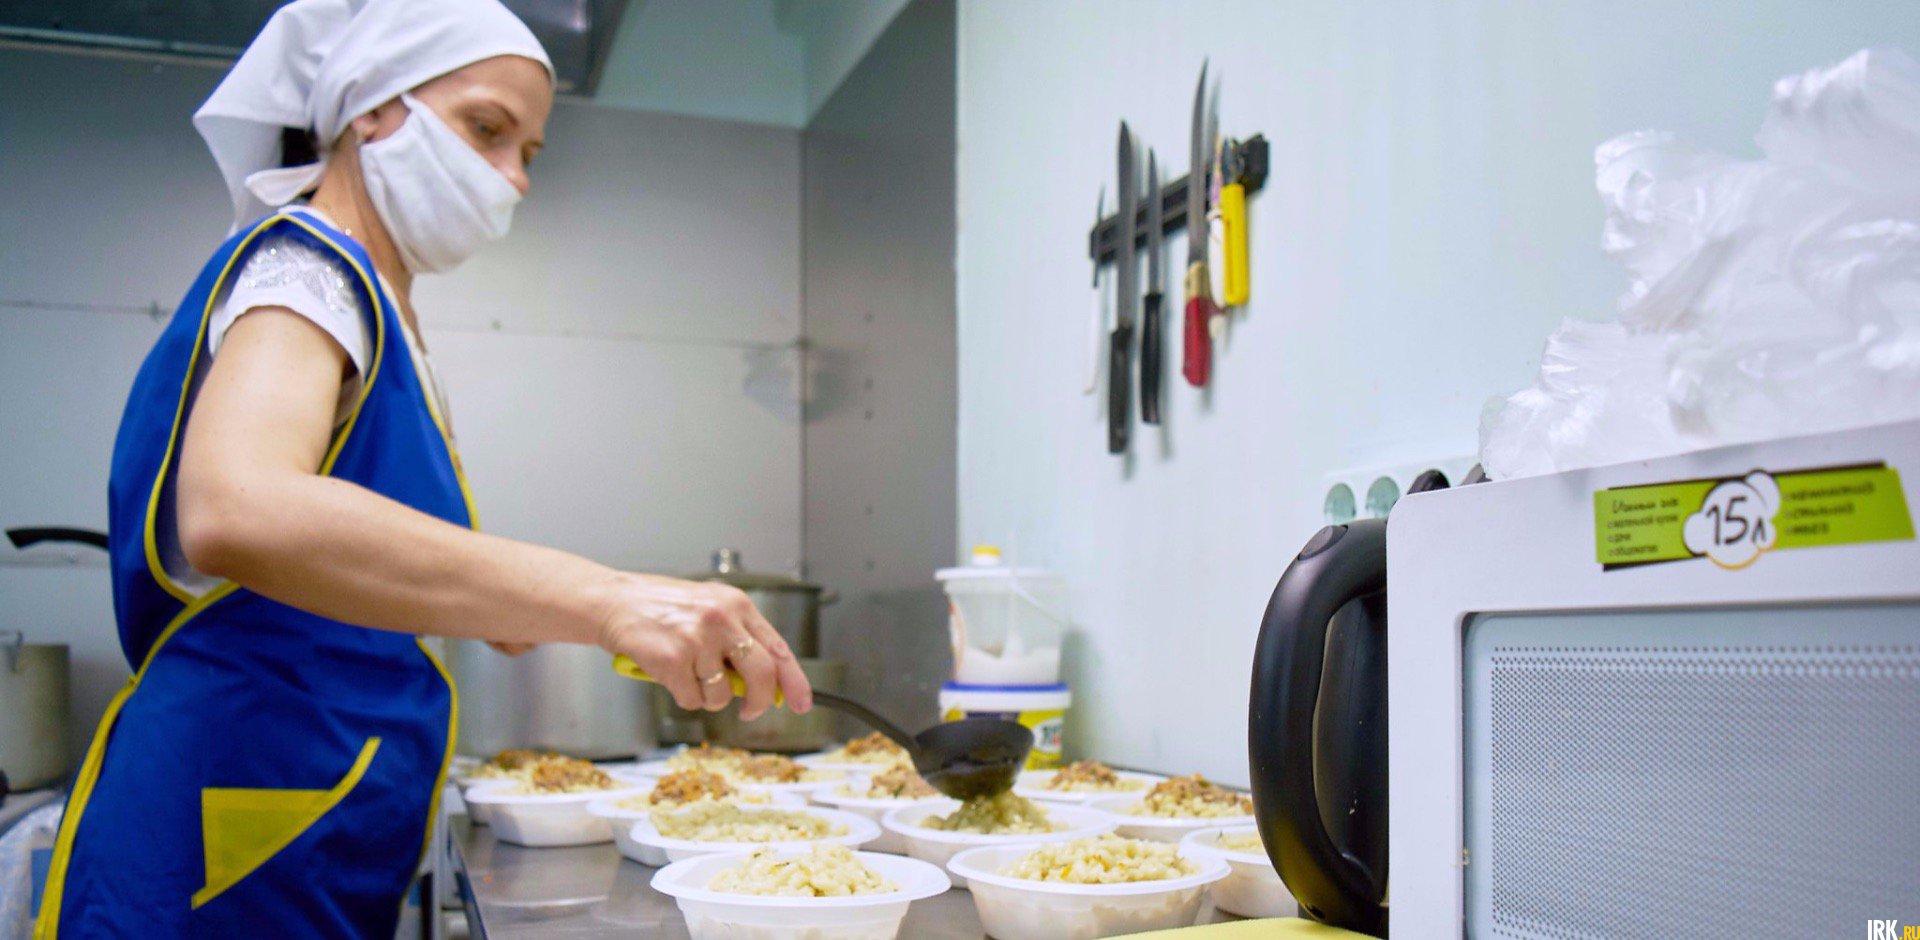 В условиях пандемии всю еду сестры раскладывают в одноразовую посуду и раздают на улице